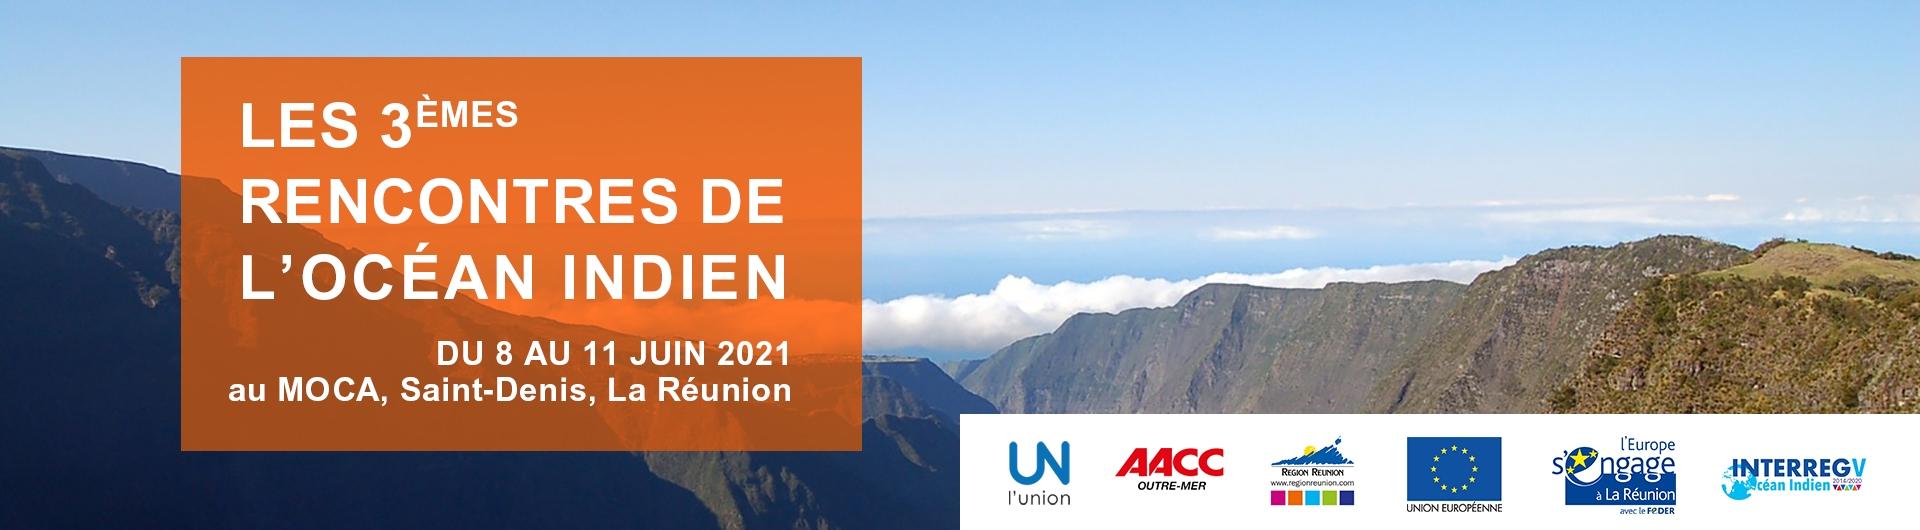 Rencontrer des hommes et des femmes à la Réunion